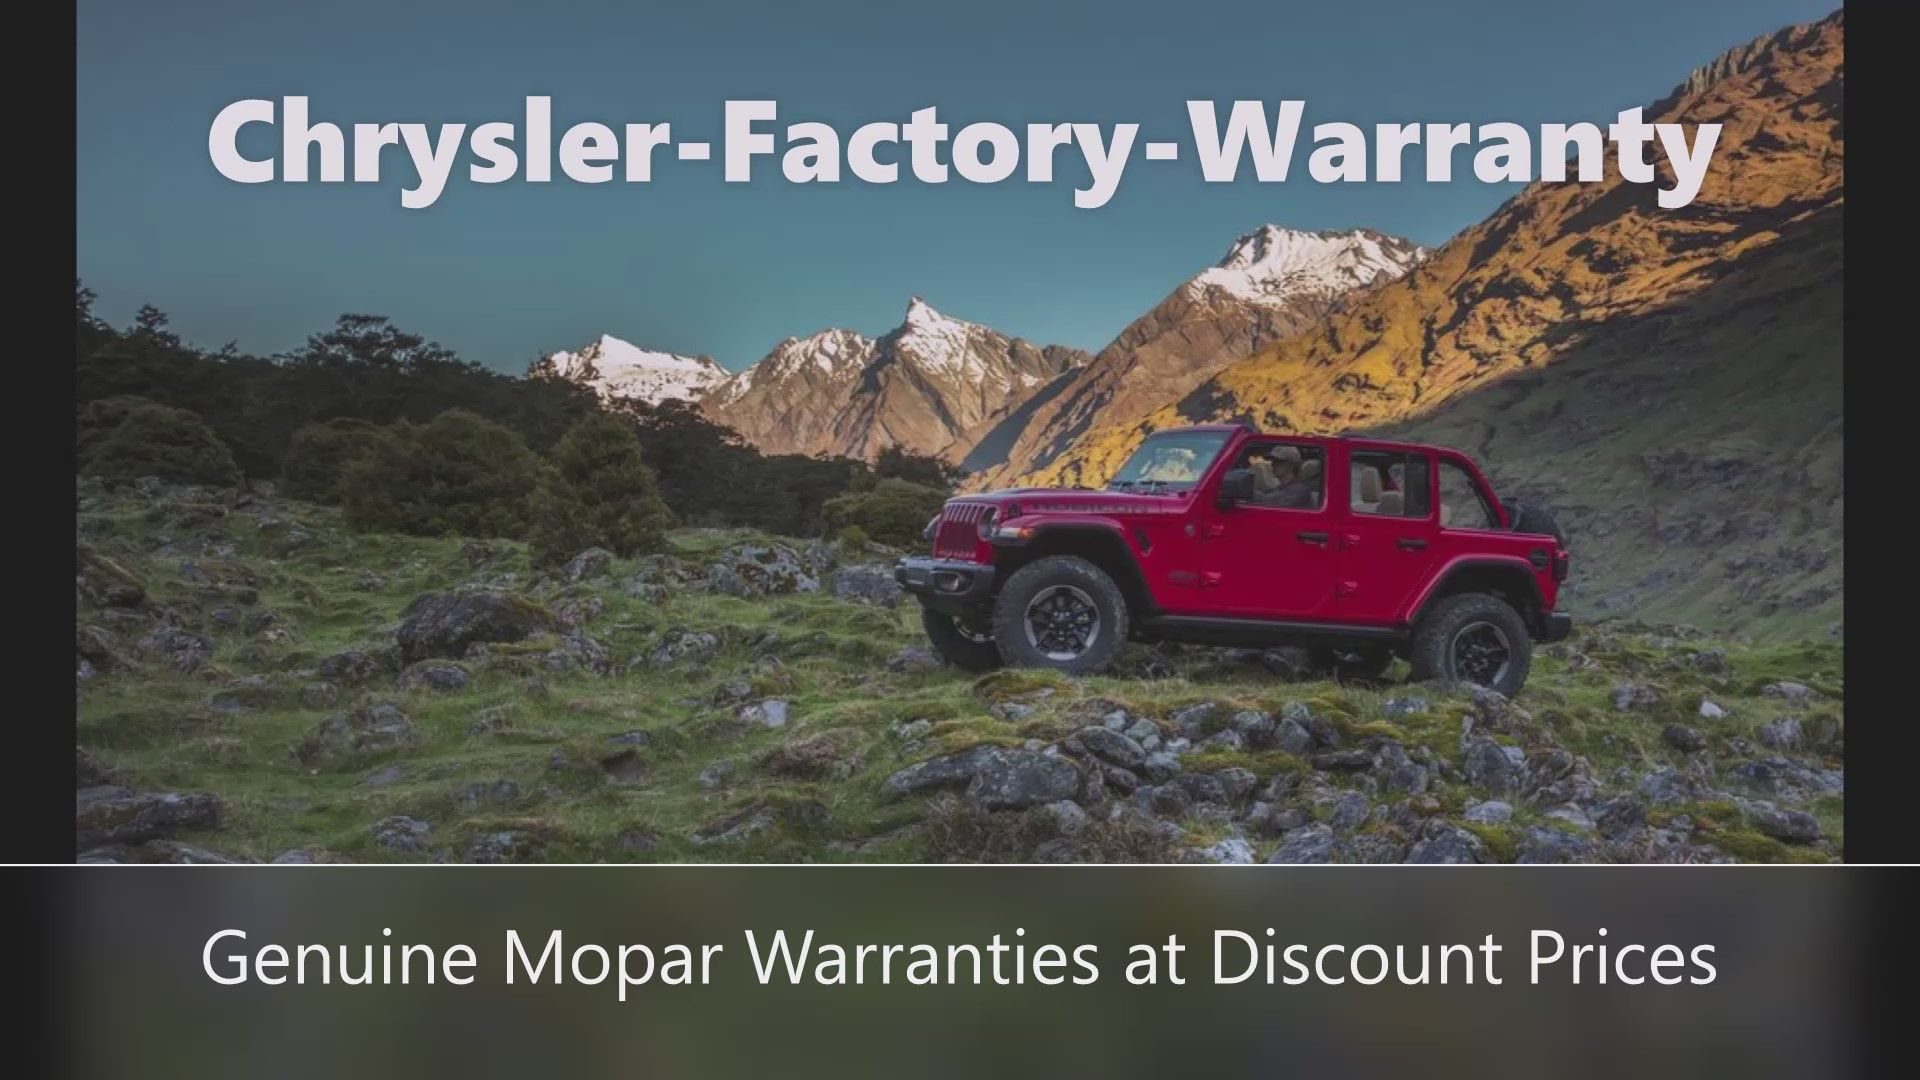 Jeep Extended Warranty In 2020 Chrysler Mopar Chrysler Cars